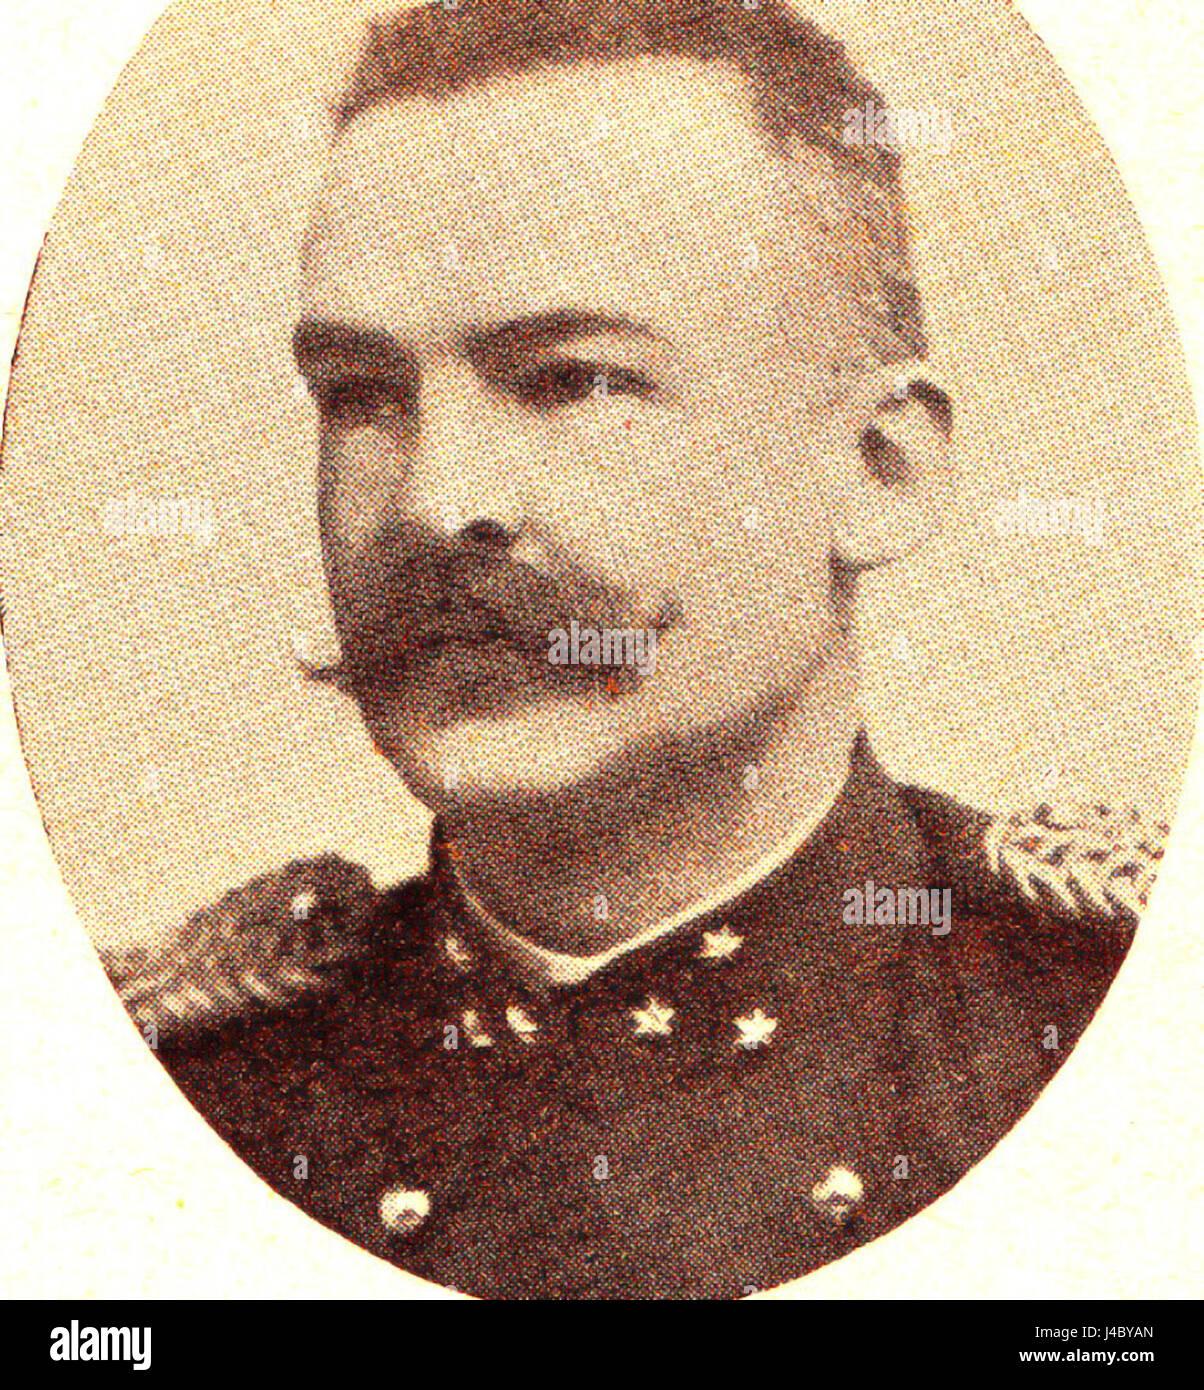 Ram, jhr. JH. Kapitein der grenadiers, medeoprichter Koninklijke Vereniging voor de Luchtvaart - Stock Image